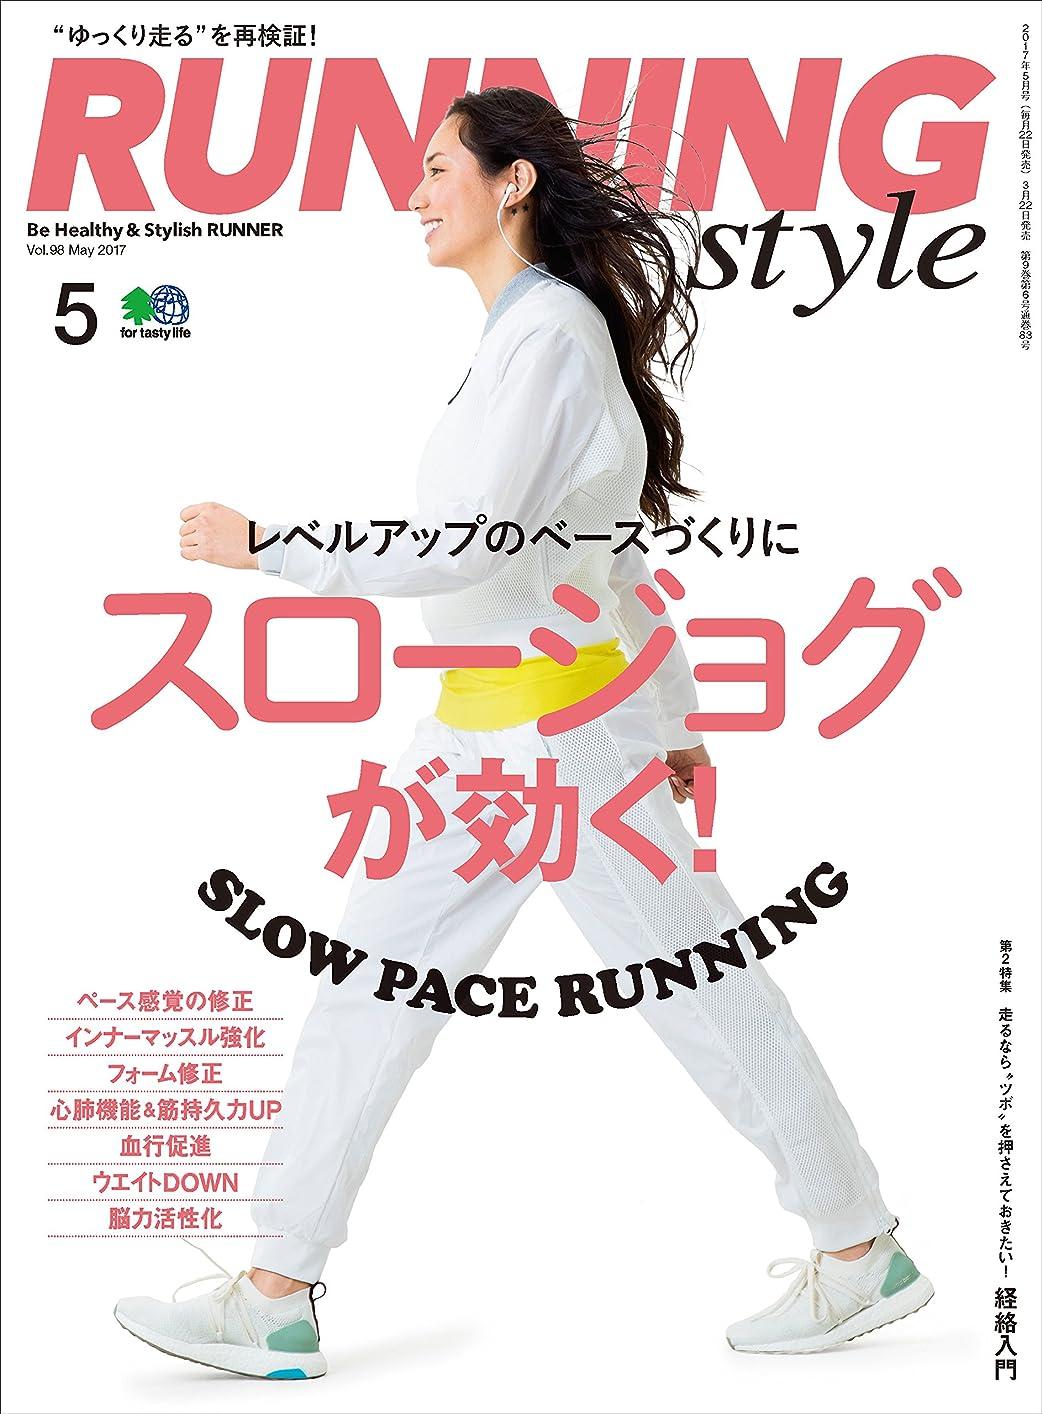 ソブリケット専門化するシロクマRunning Style(ランニング?スタイル) 2017年5月号 Vol.98[雑誌]